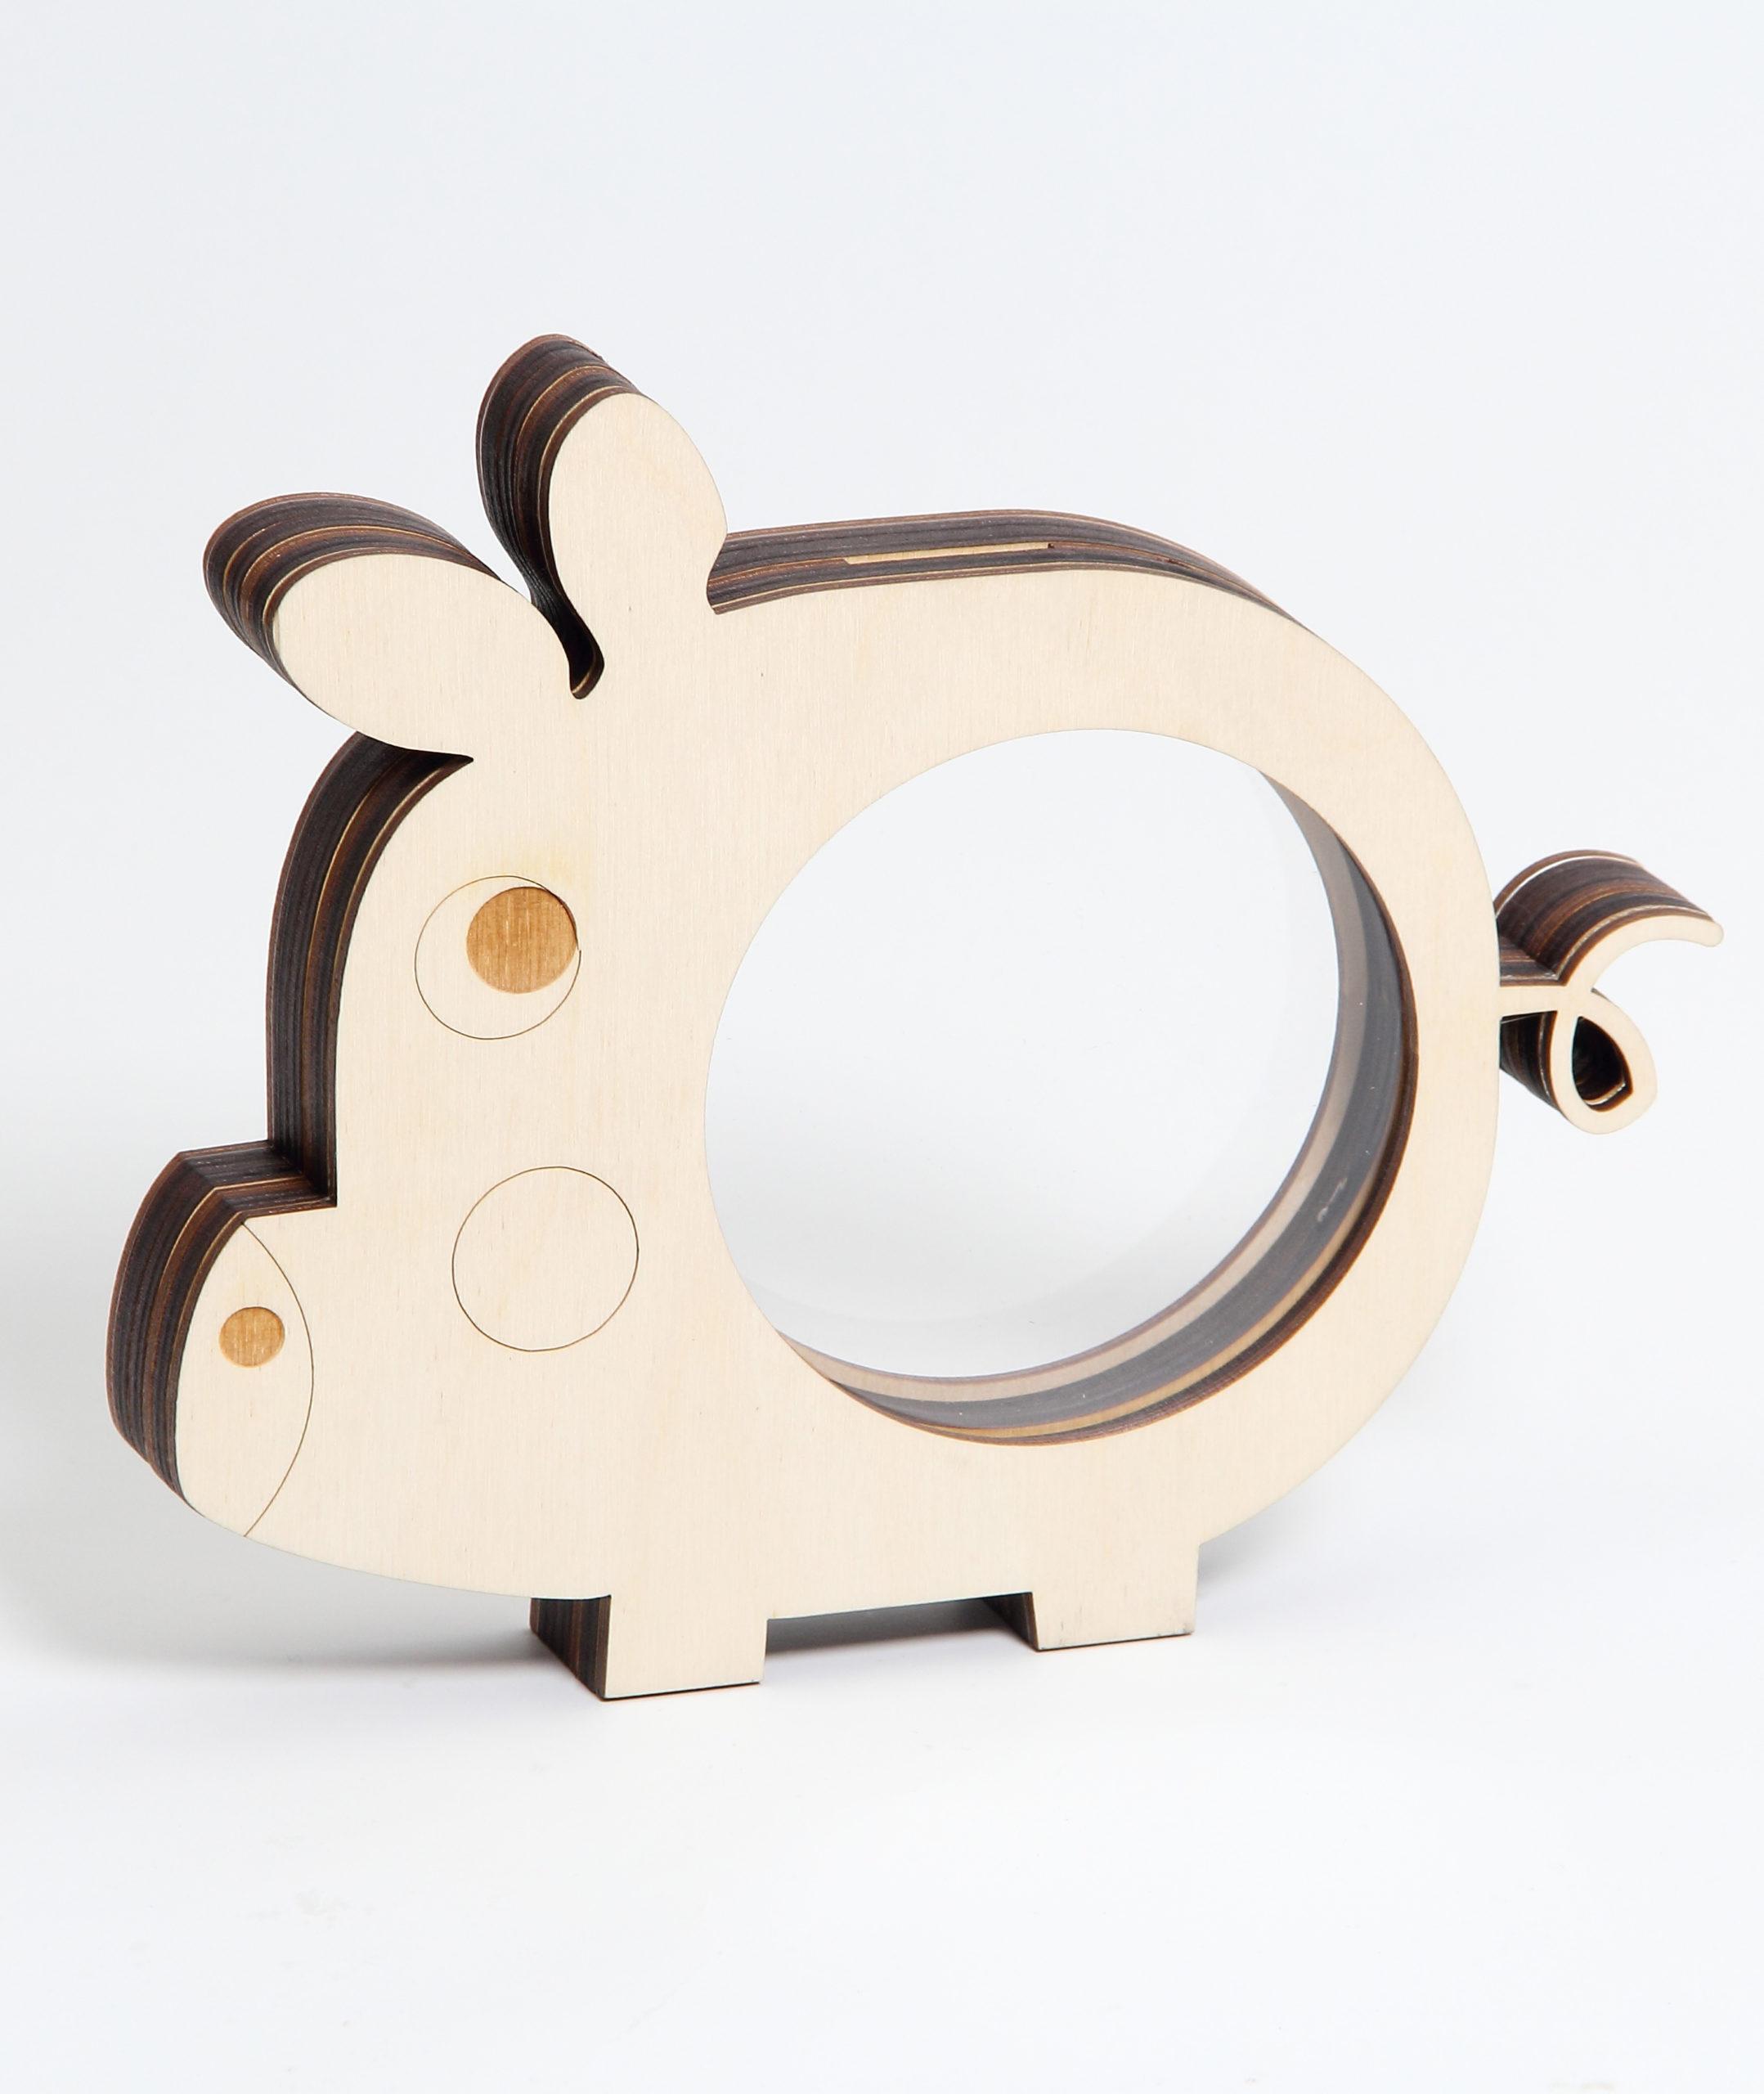 tirelire Carr/é Design Carving Work avec Lock Coin Box tirelire Banque dargent en bois